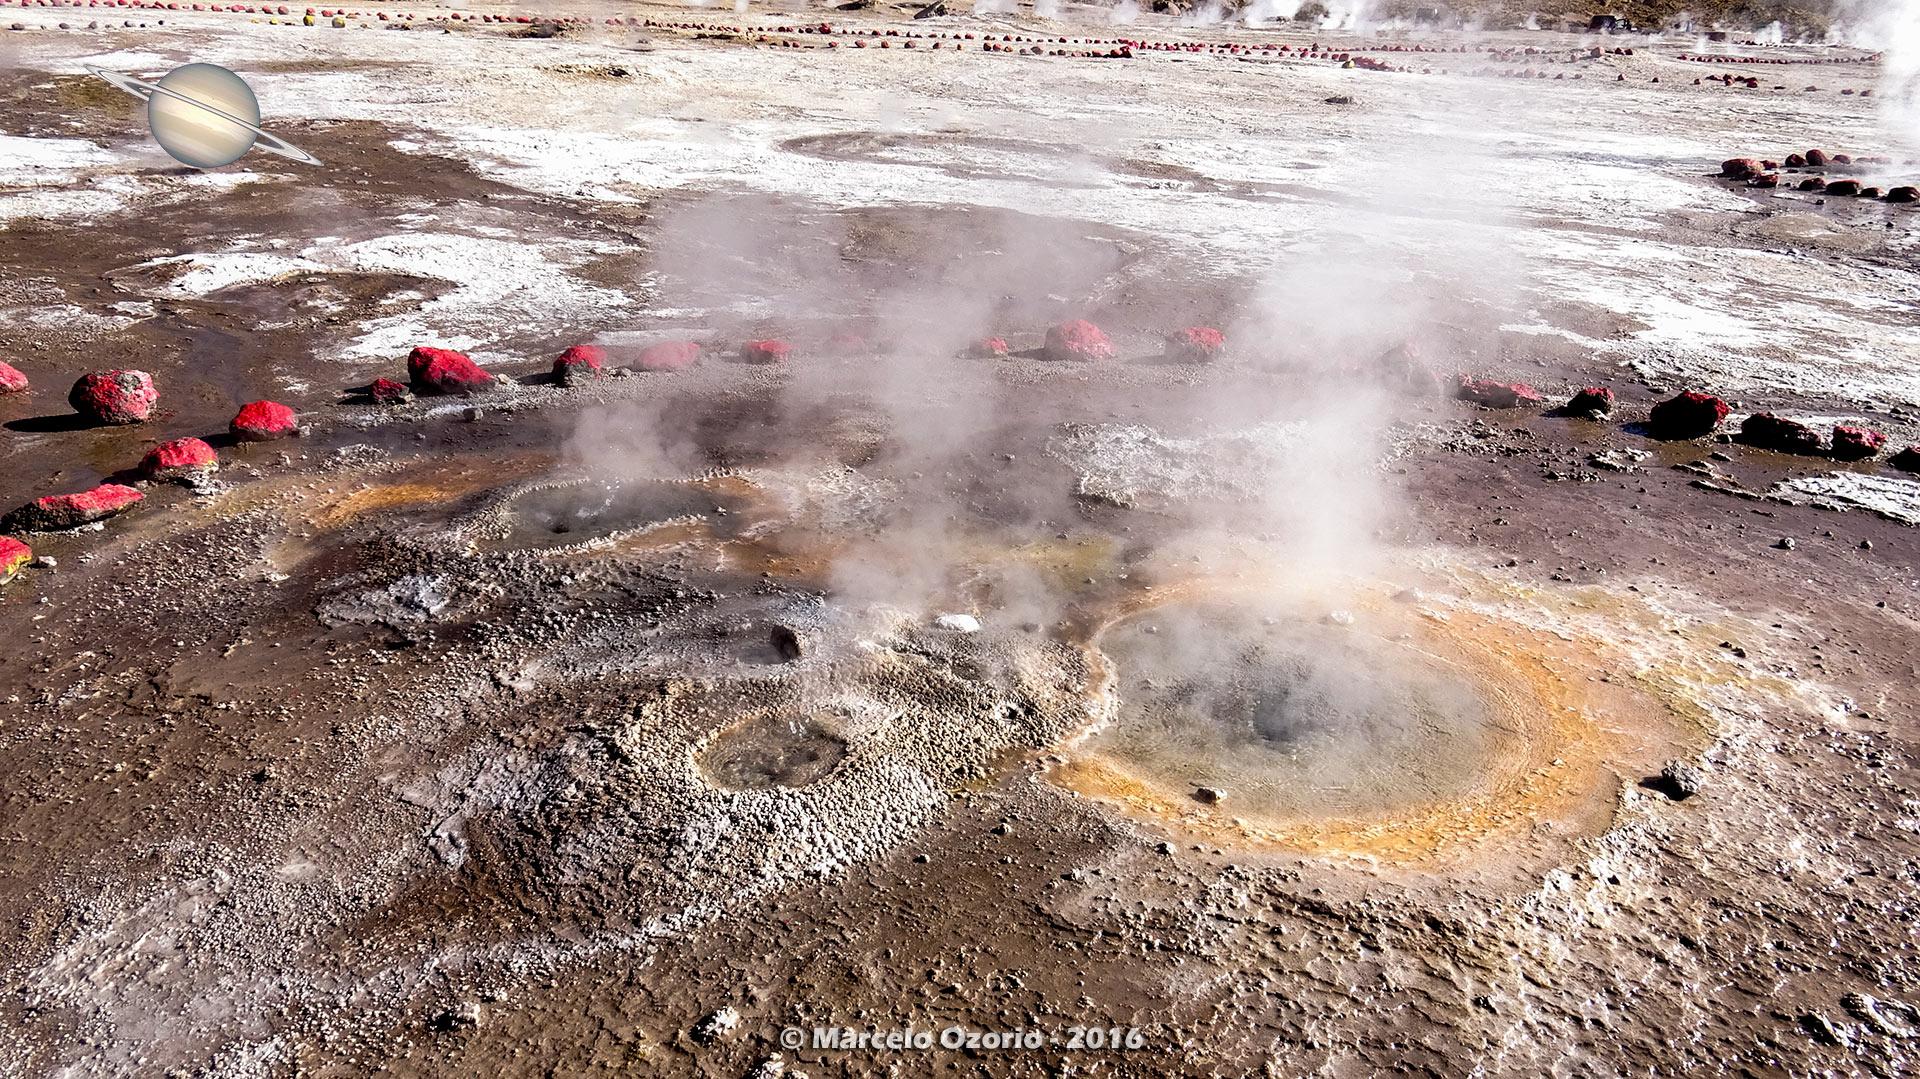 el tatio geysers atacama desert 36 - The Surreal El Tatio Geysers - Atacama Desert - Chile